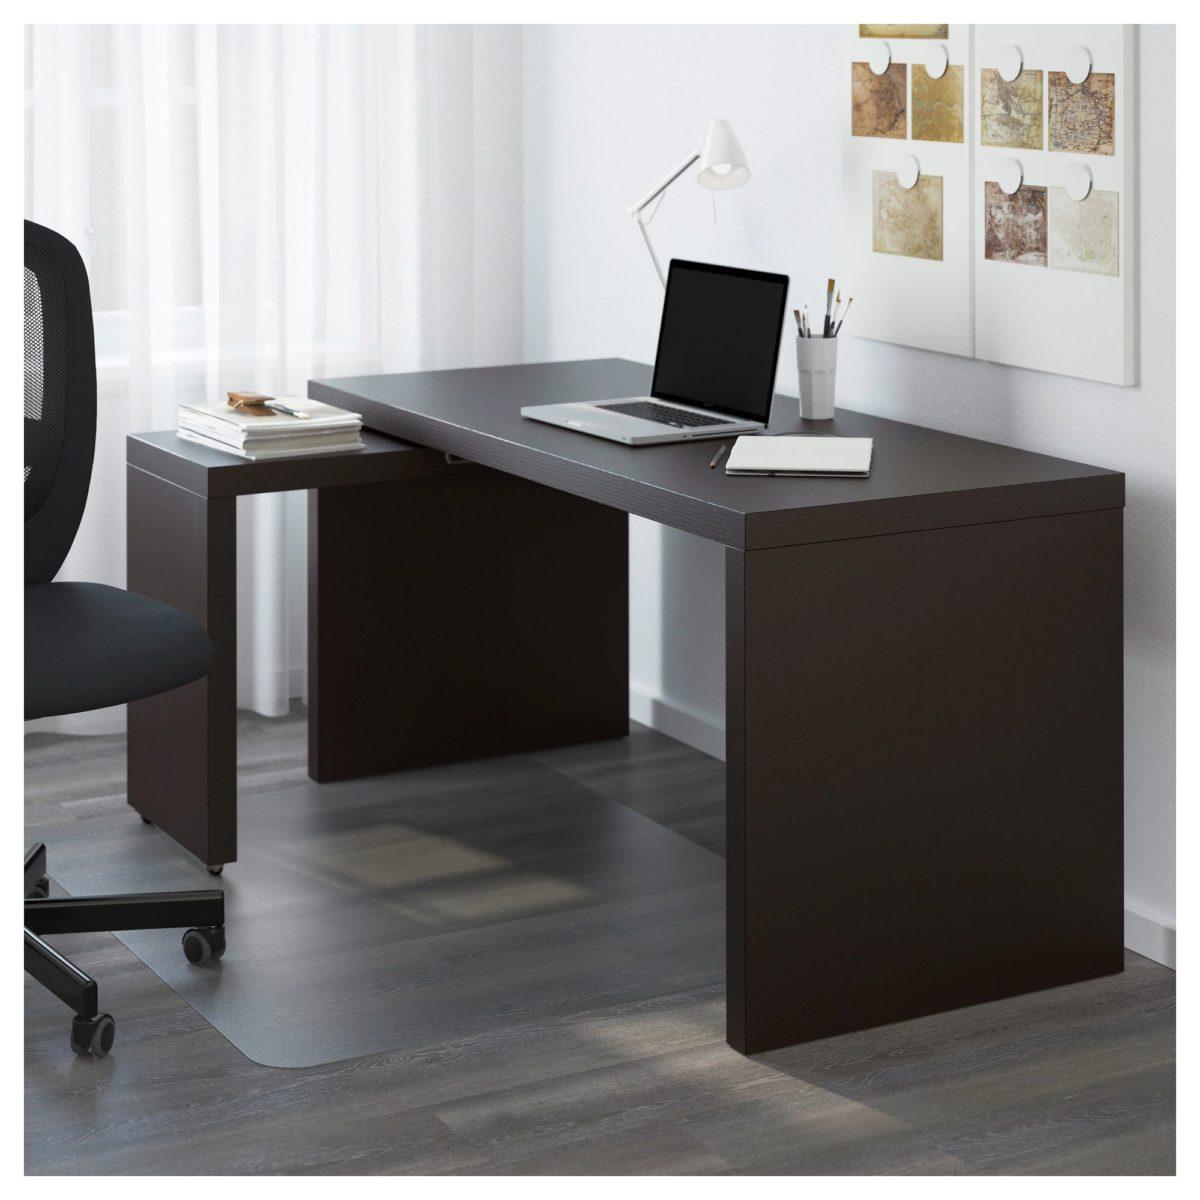 catalogo-ikea-ufficio-2019-scrivania-malm